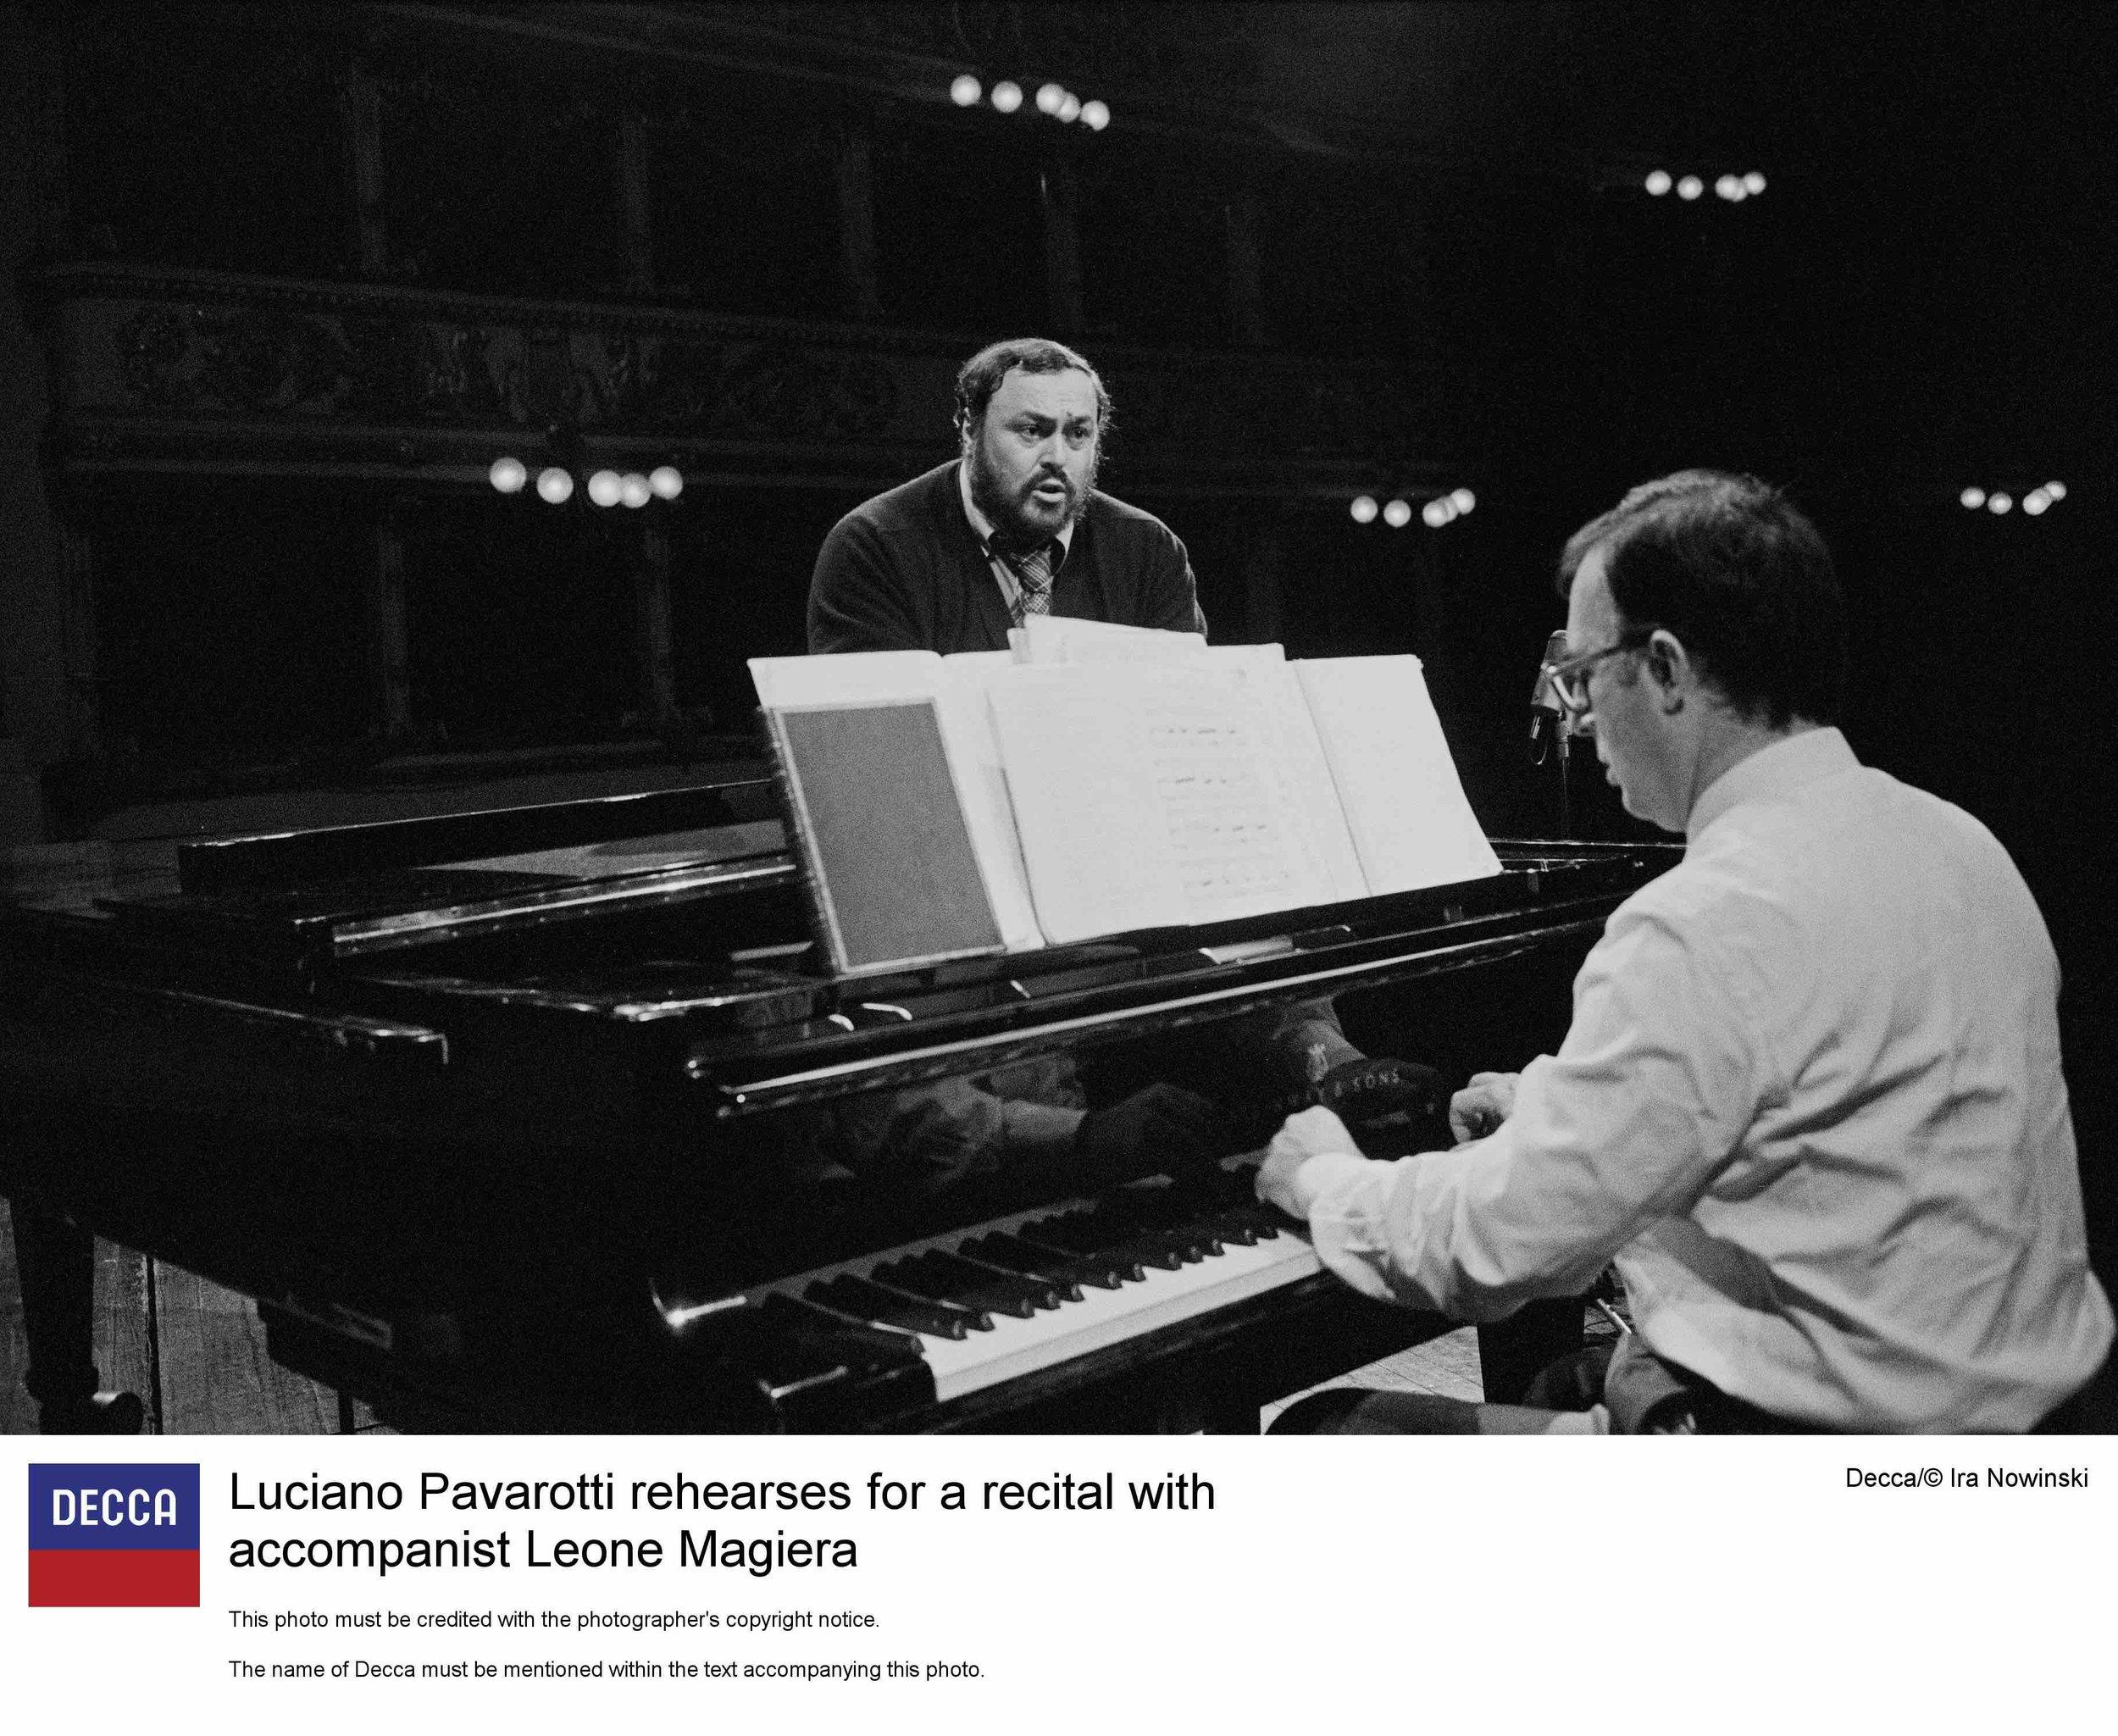 Tenor Luciano Pavarotti rehearses for a recital with accompanist Leone Magiera. Photo credit: Decca / Ira Nowinski